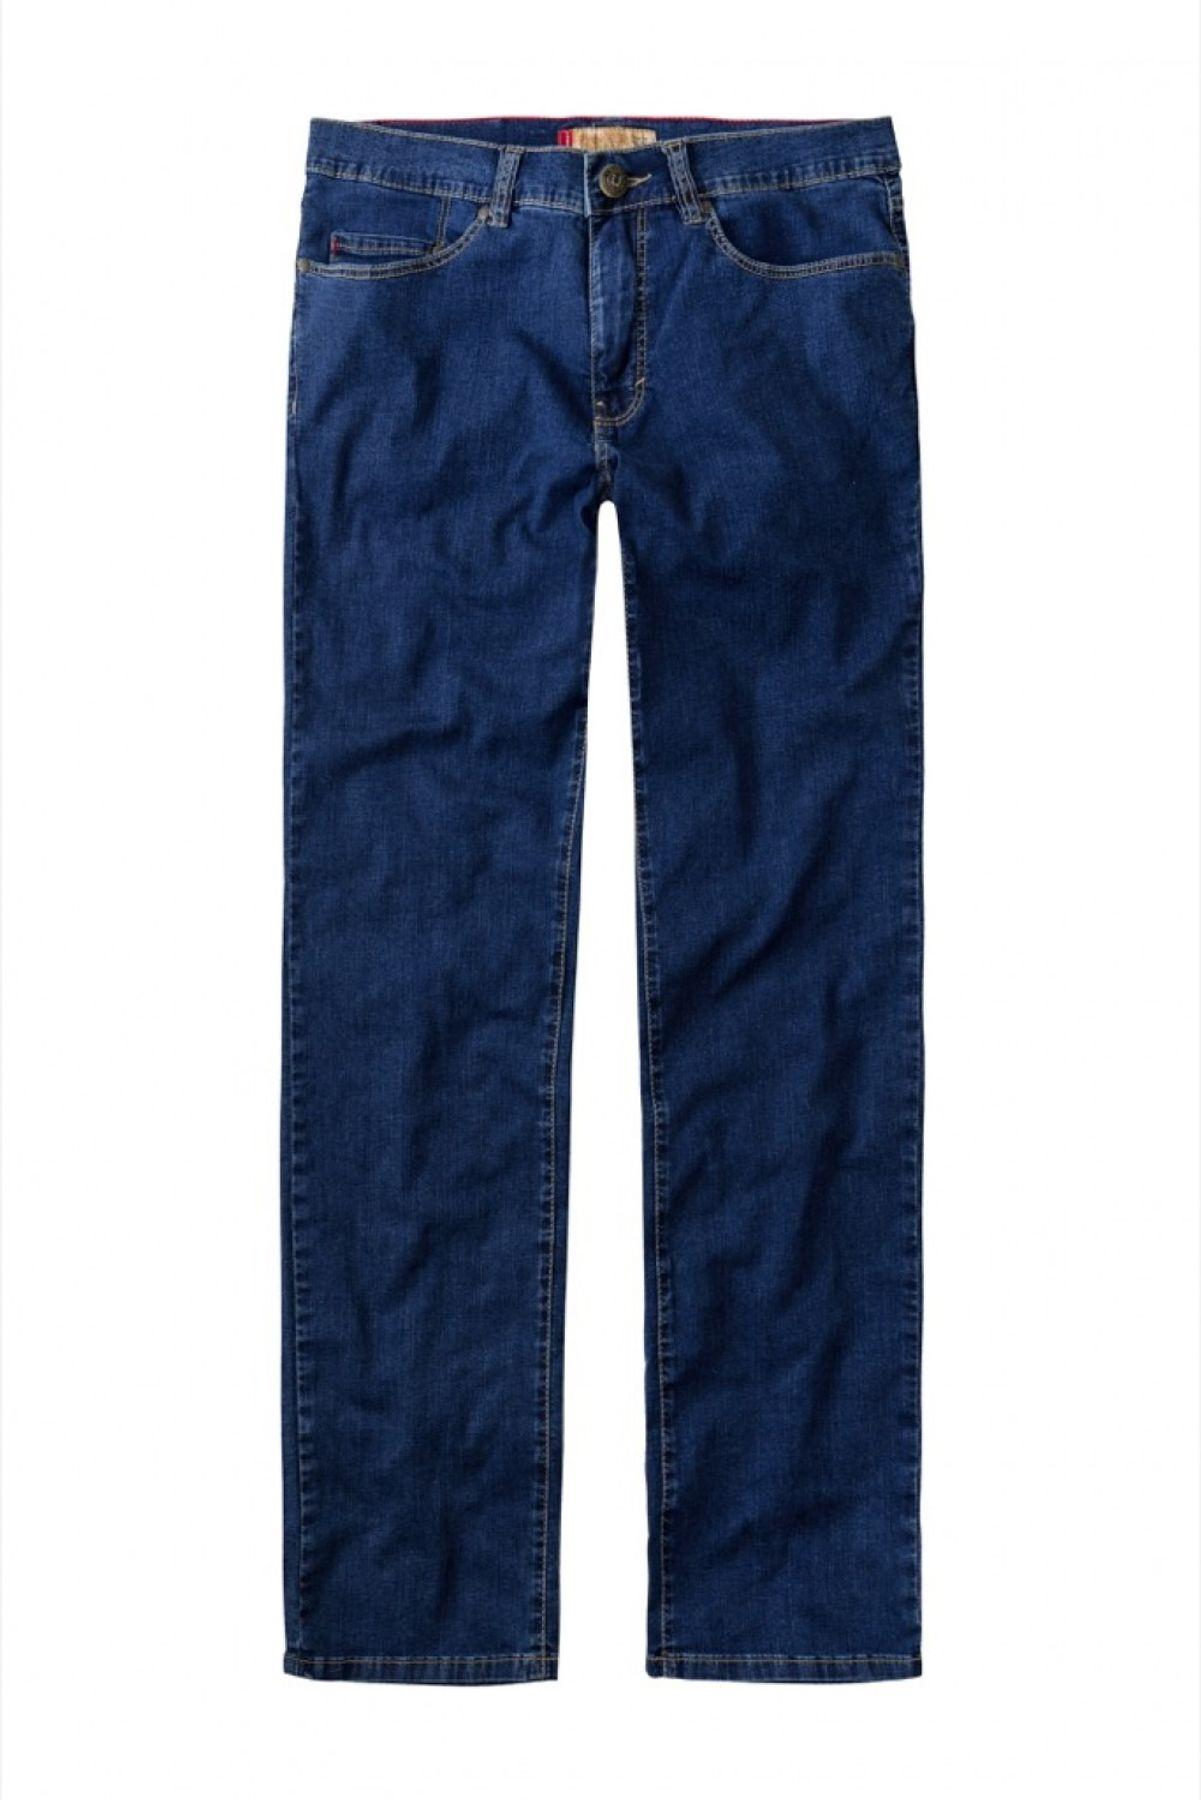 Paddock's Herren 5-Pocket Slim-Fit Jeans in verschiedenen Farben, Ranger 80 253 1628 – Bild 7